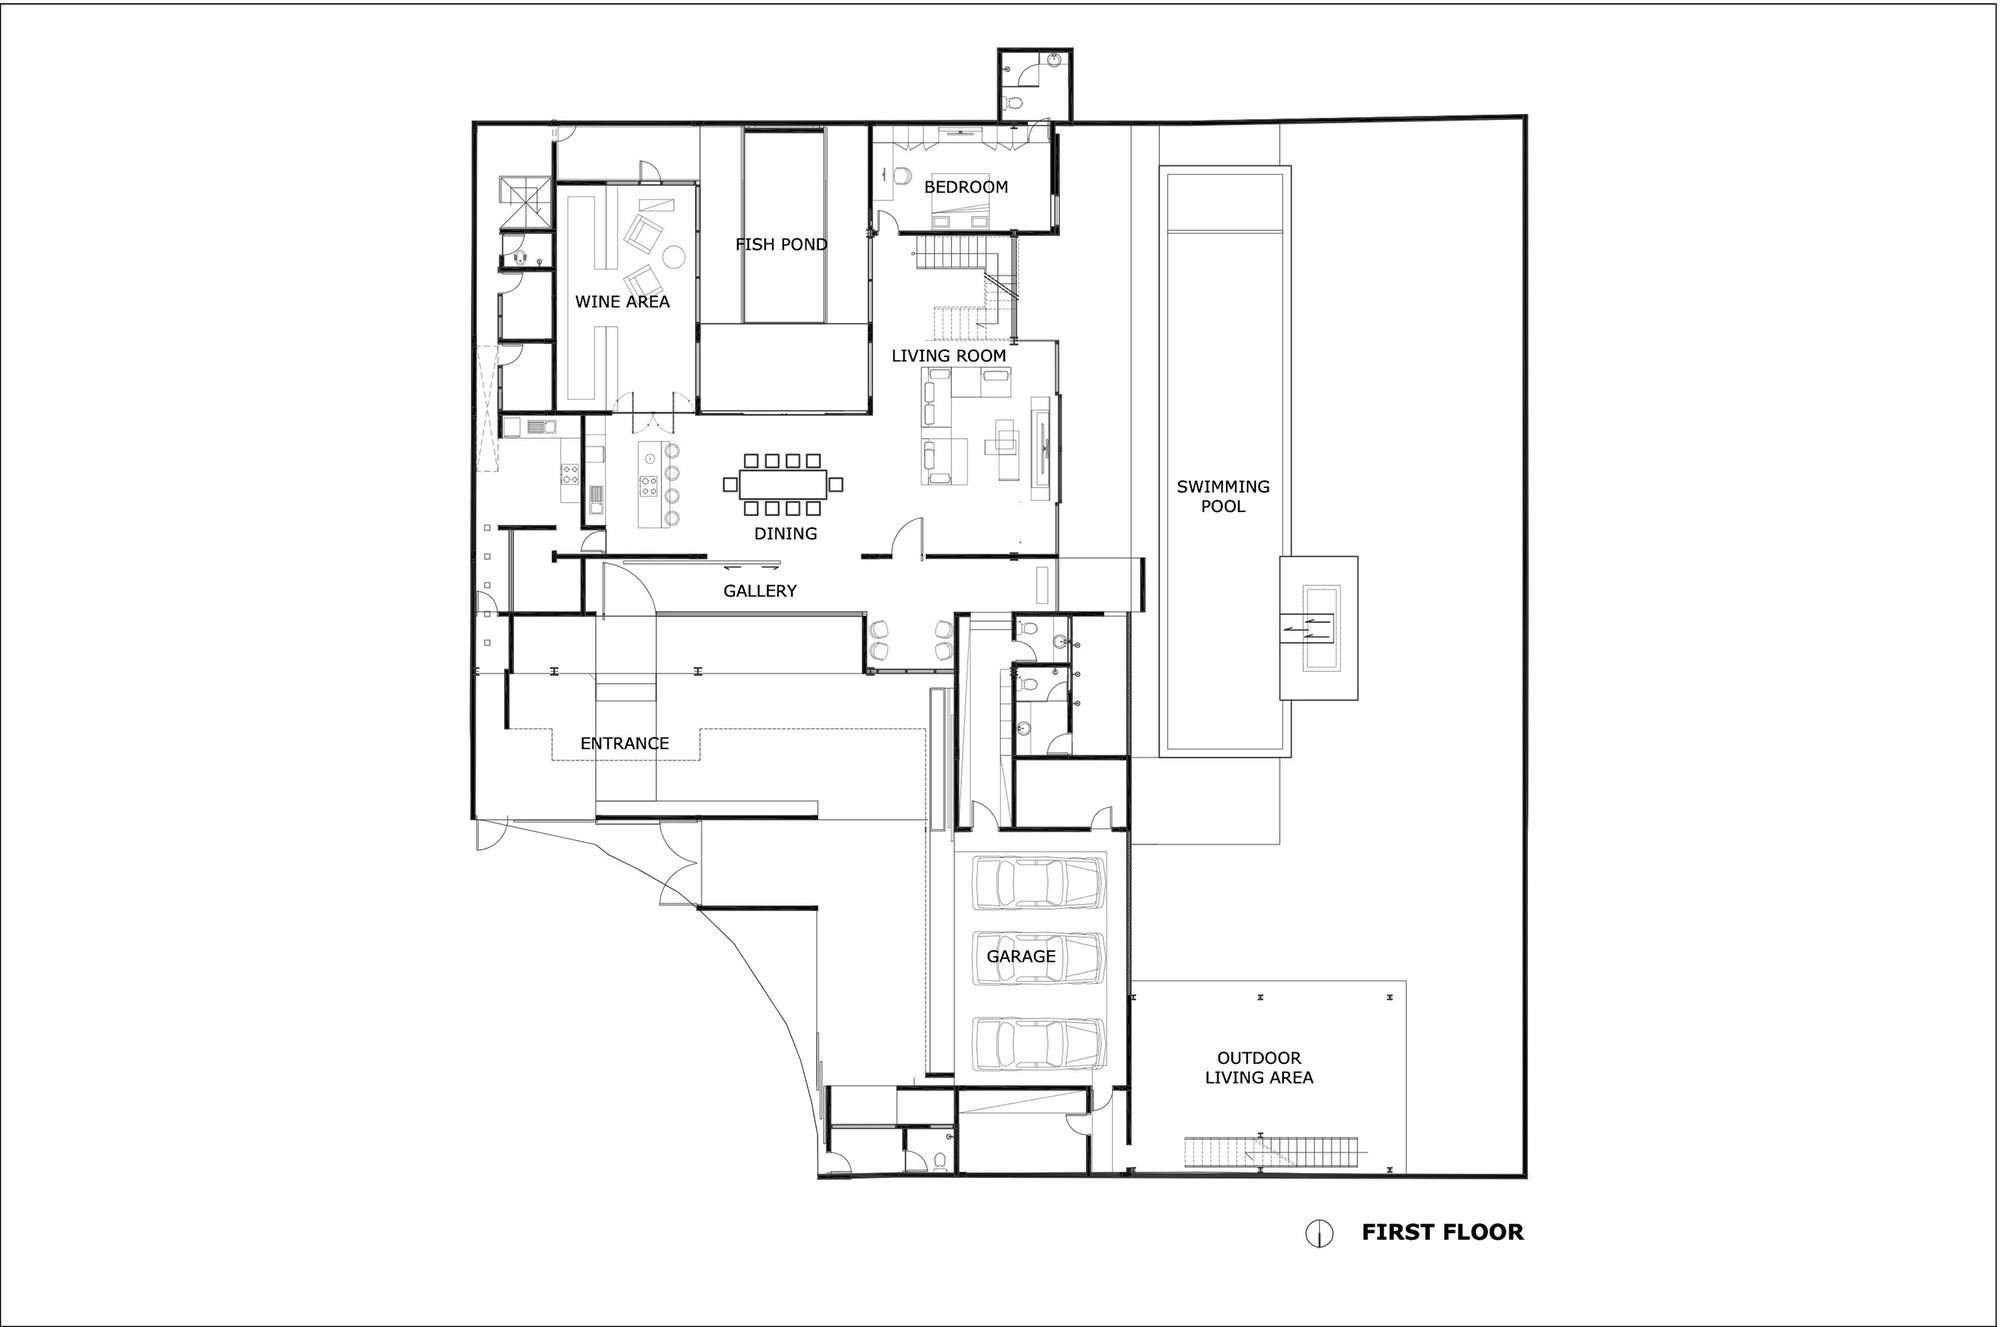 rumah bidang jakarta raul renanda design archdaily